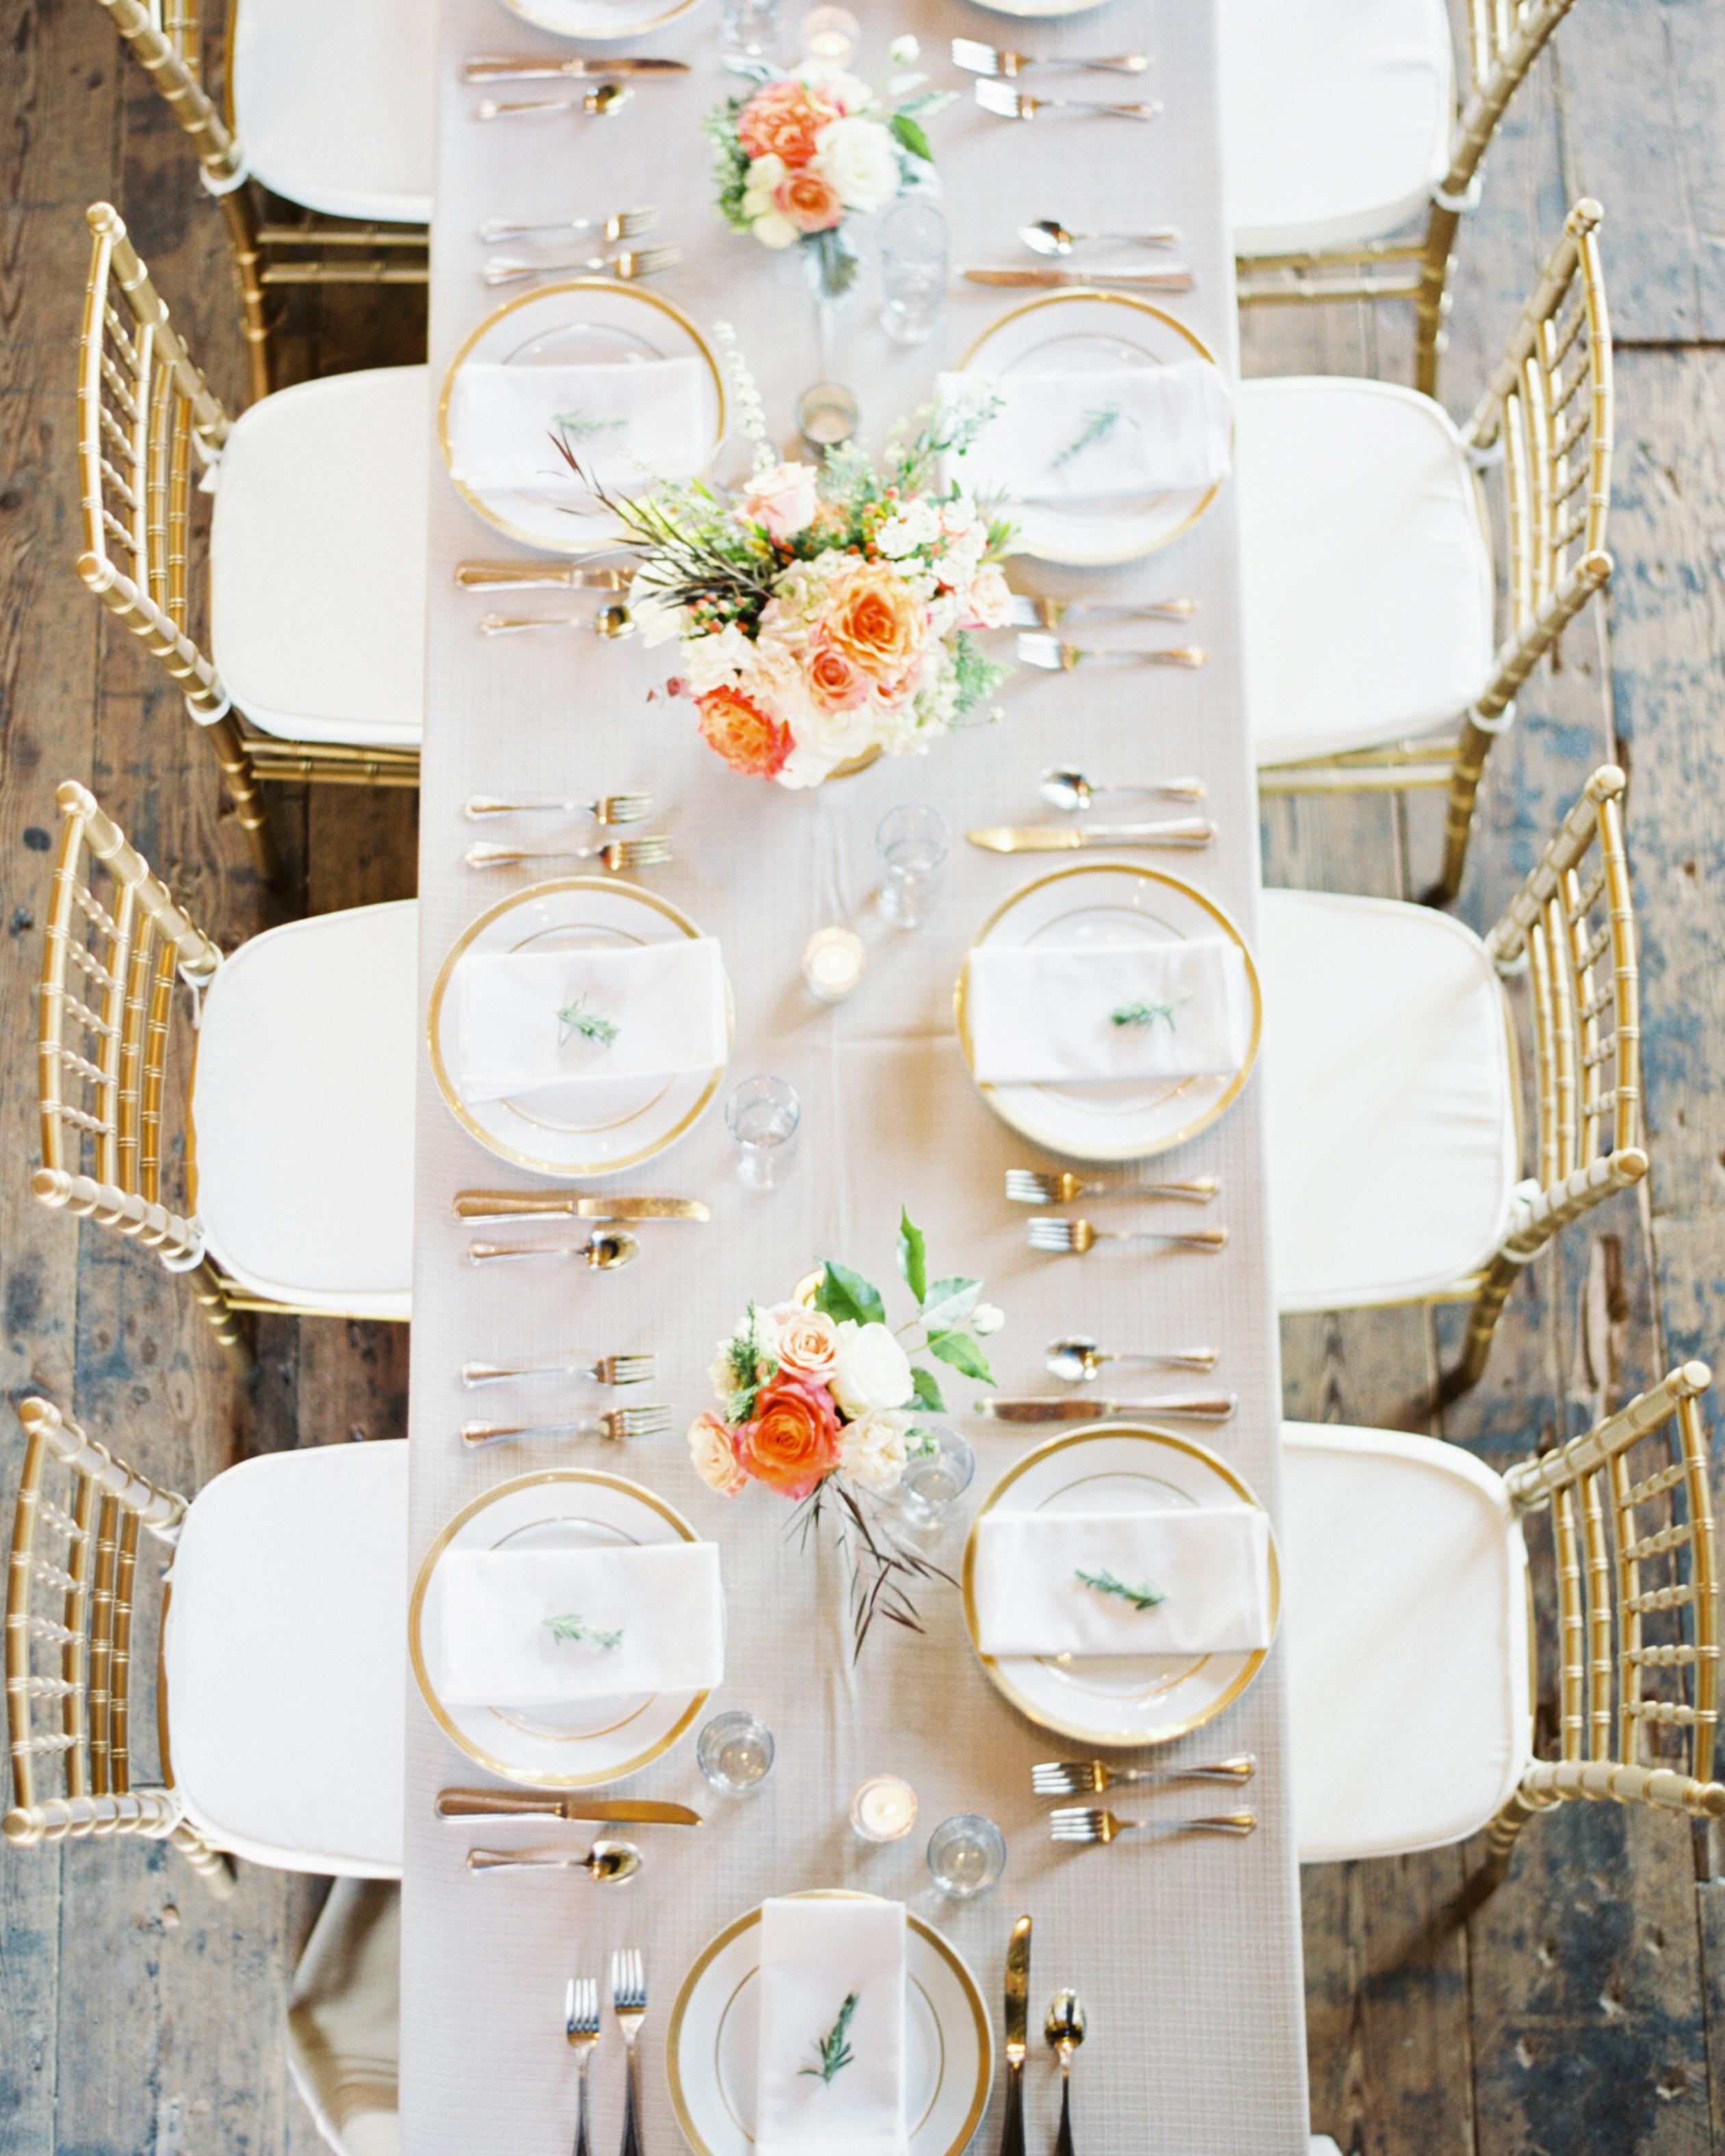 olga-david-wedding-table3-0314.jpg